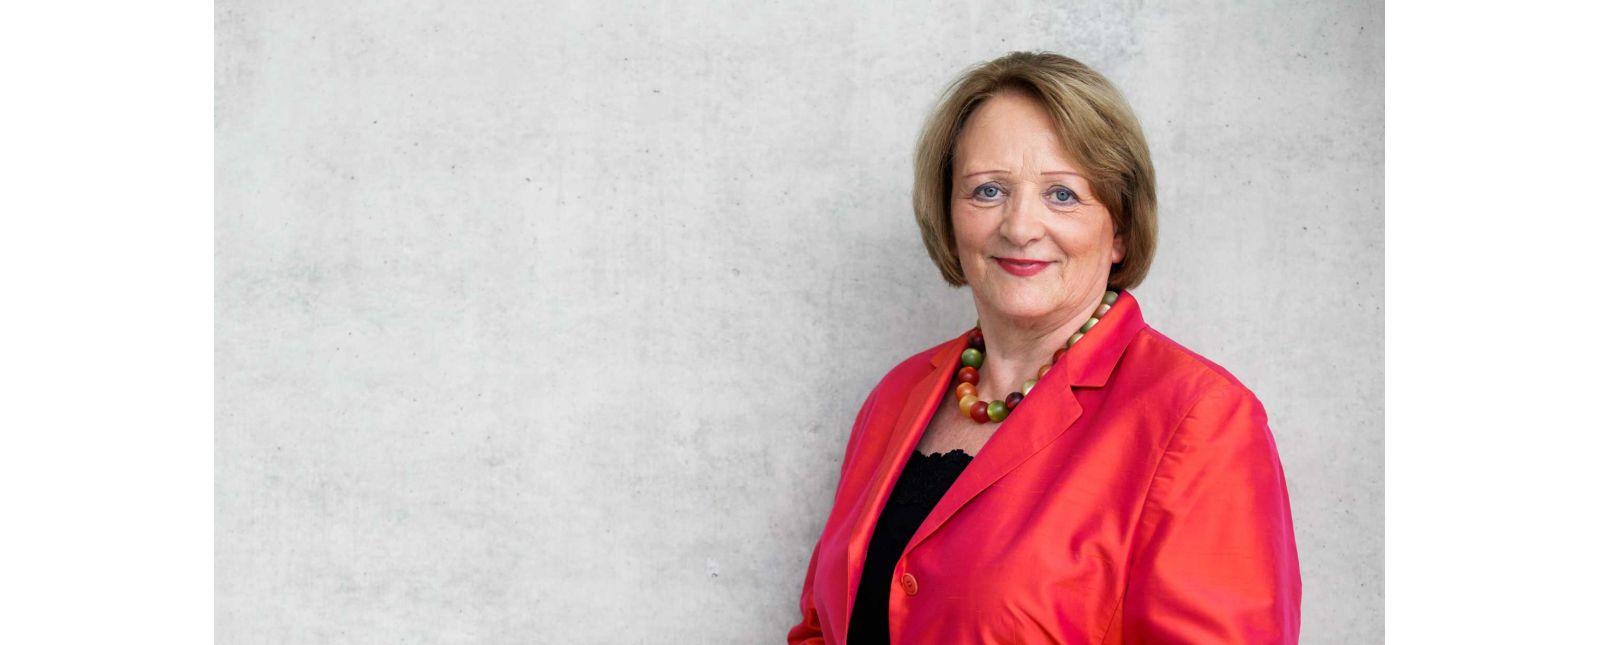 Sabine Leutheusser-Schnarrenberger //  2020 // Tobias Koch